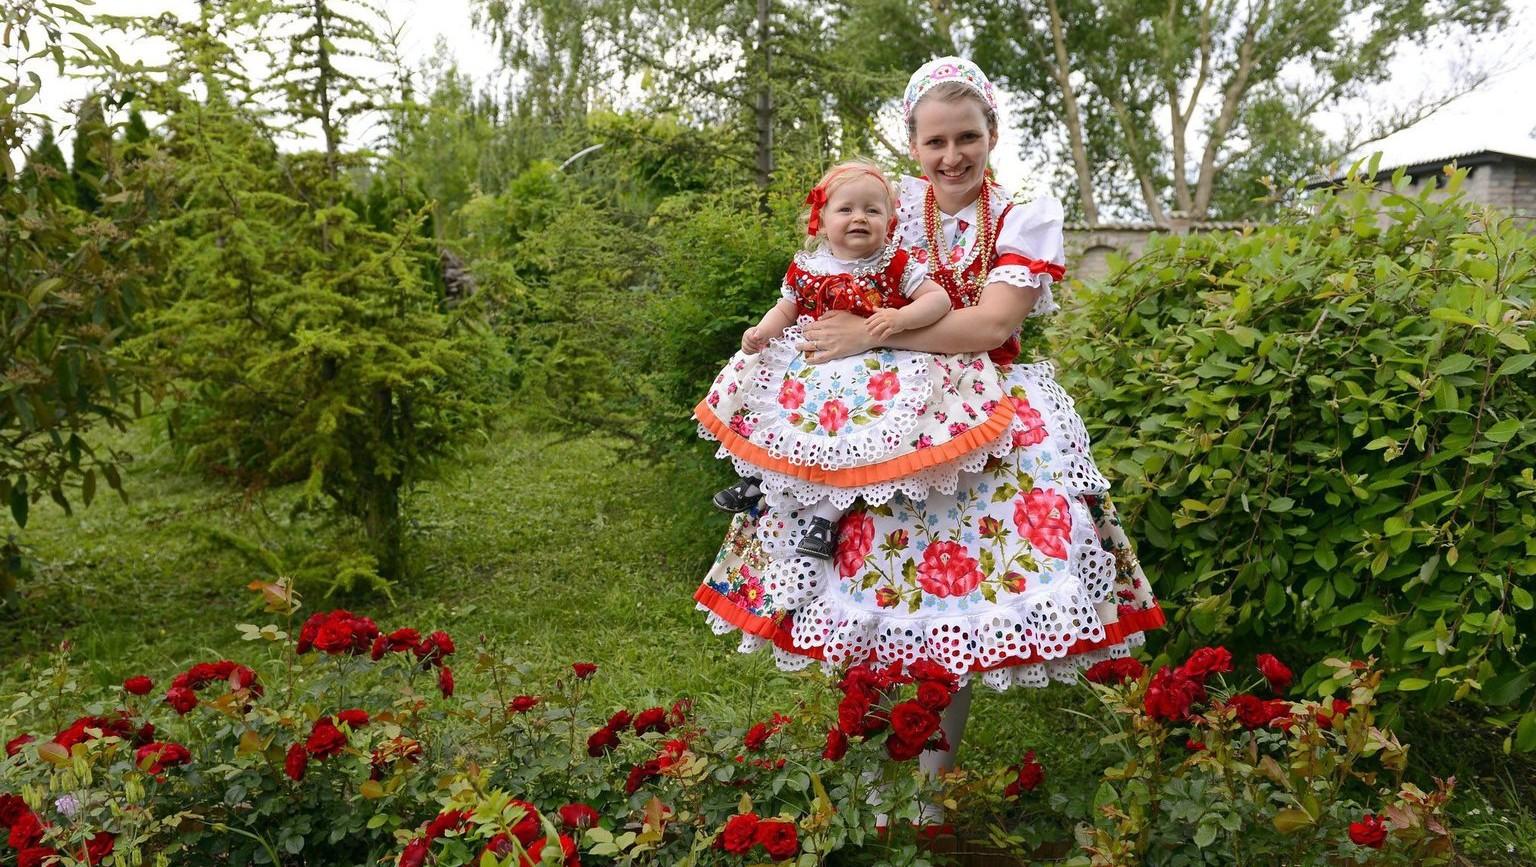 Molnár Lajkó Anett és egyéves lánya, Manna gombosi népviseletben házuk kertjében, a vajdasági Gomboson 2015. május 27-én – képünk illusztráció (MTI Fotó: Molnár Edvárd)